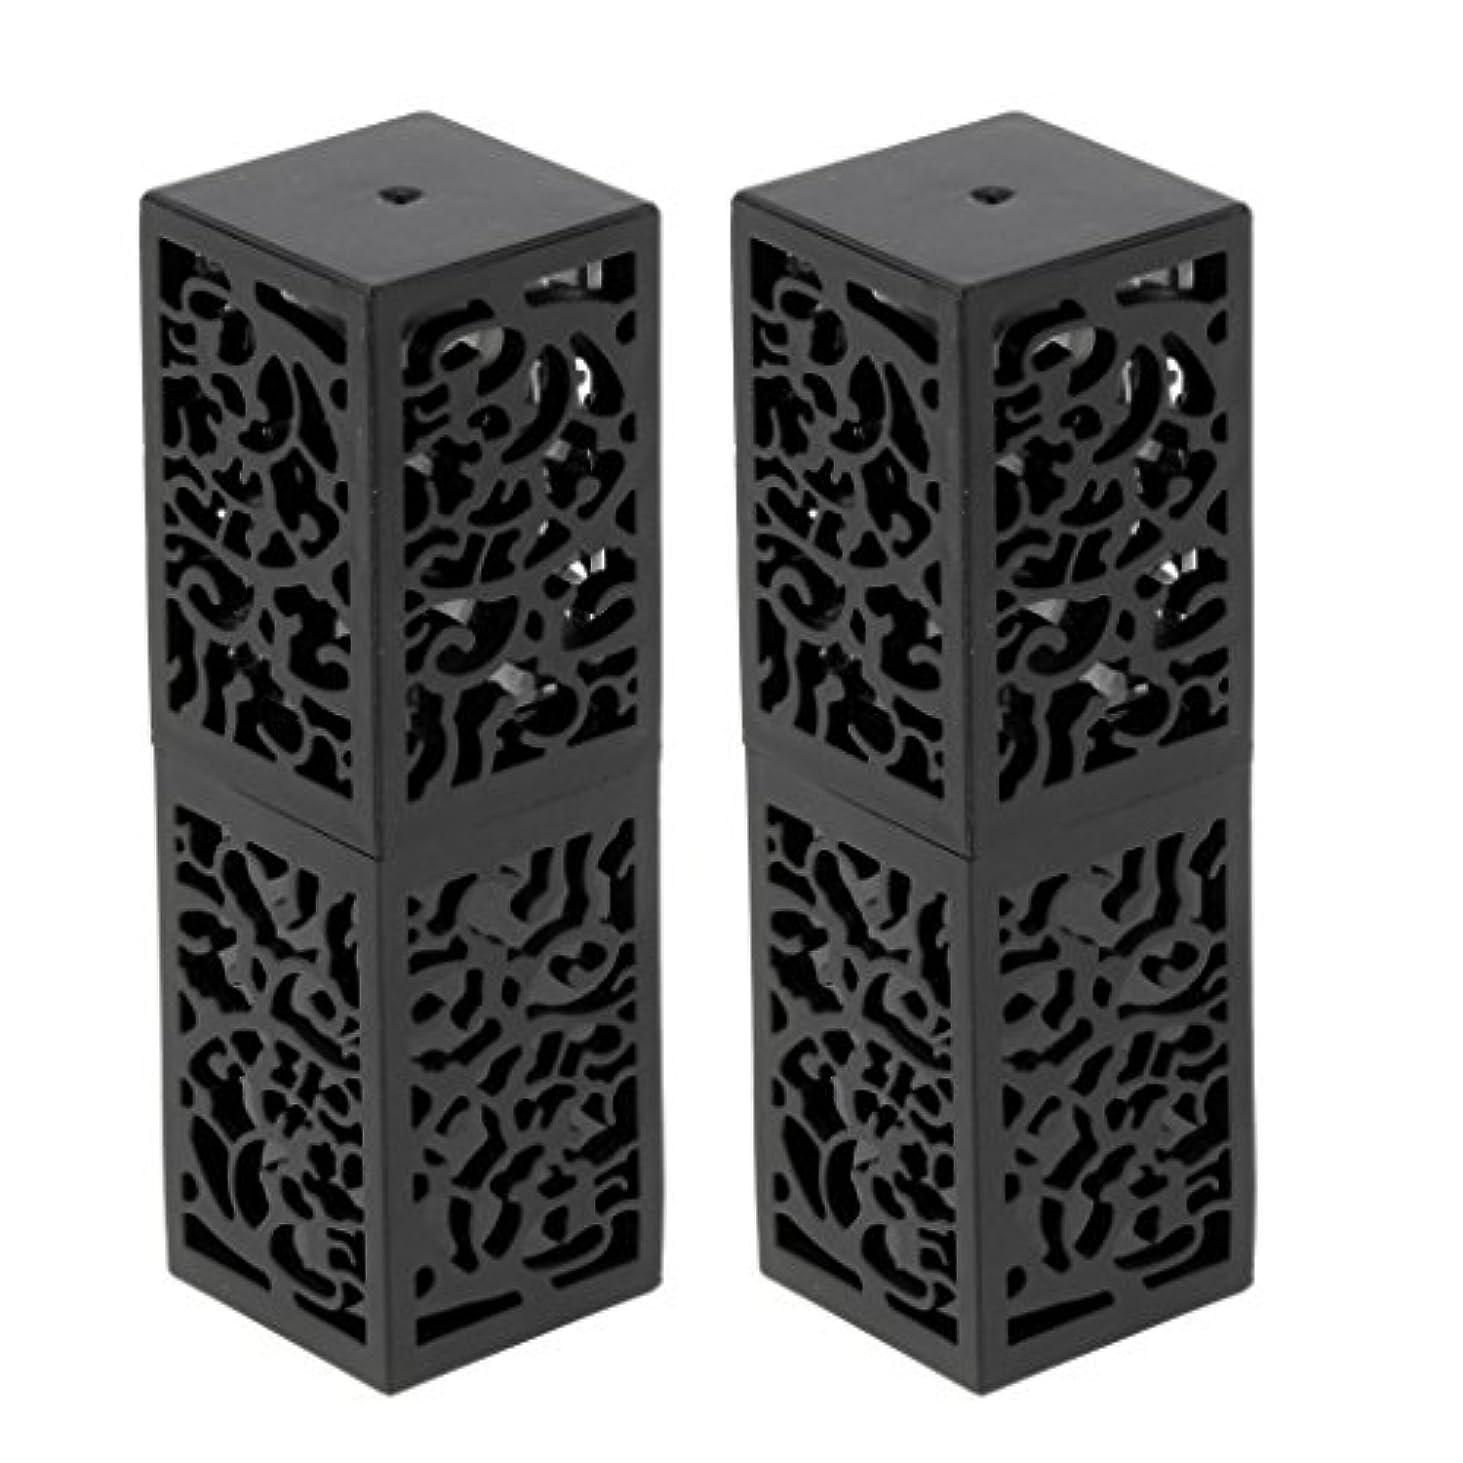 戻す用量ペネロペSharplace おしゃれ 口紅チューブ リップスティックチューブ 内径1.21cm 金型 手作り 2個 全2色 - ブラック